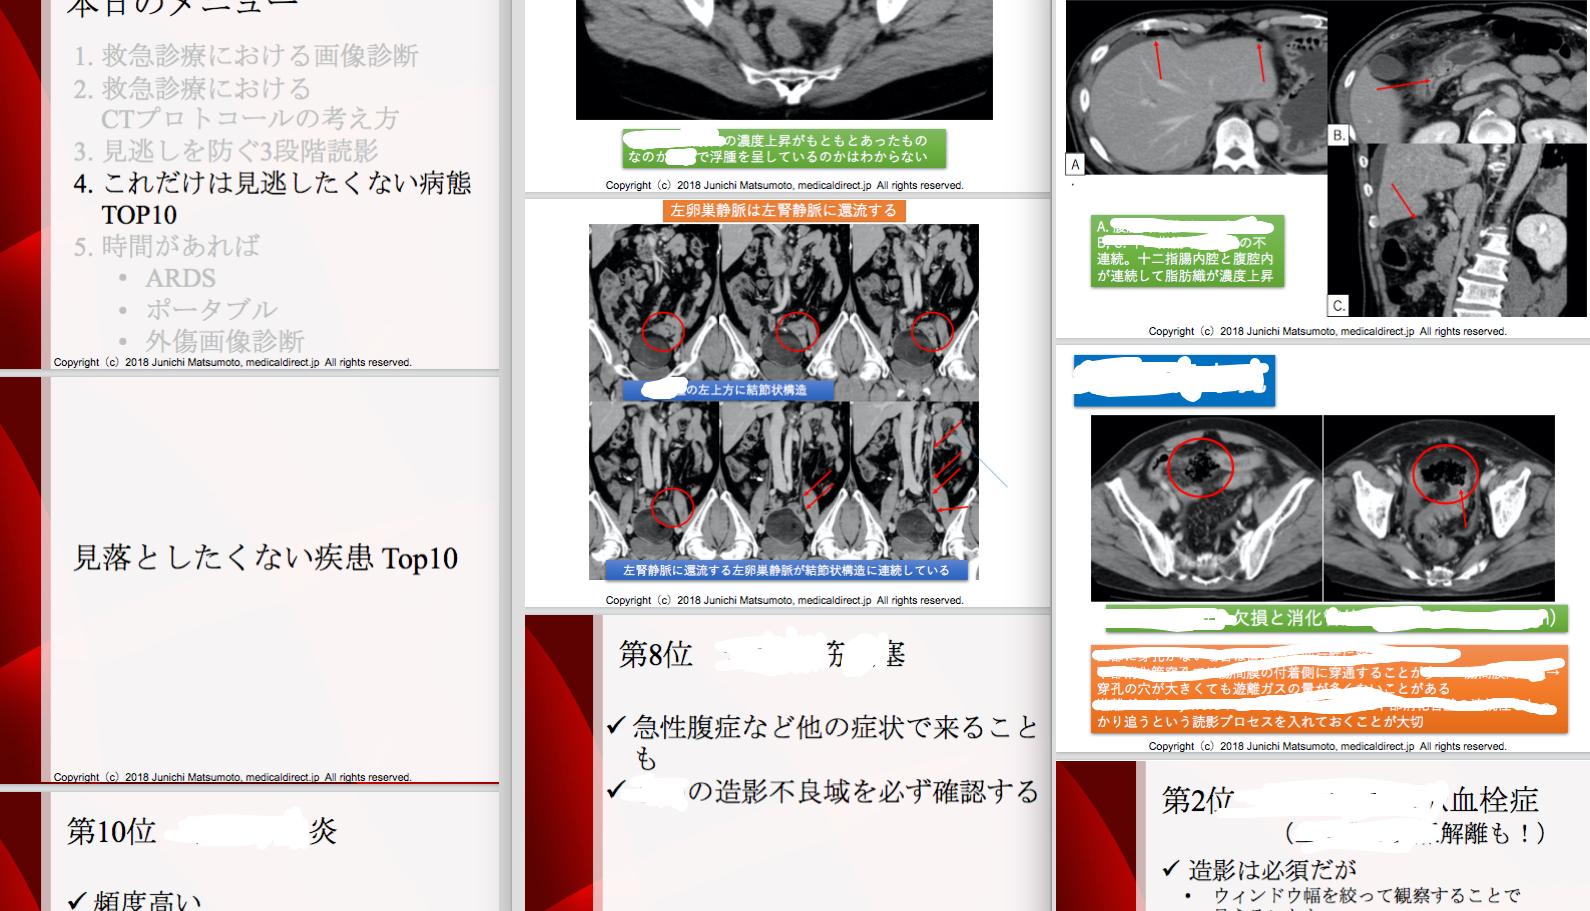 特典PDFのJPEG画像まとめ2